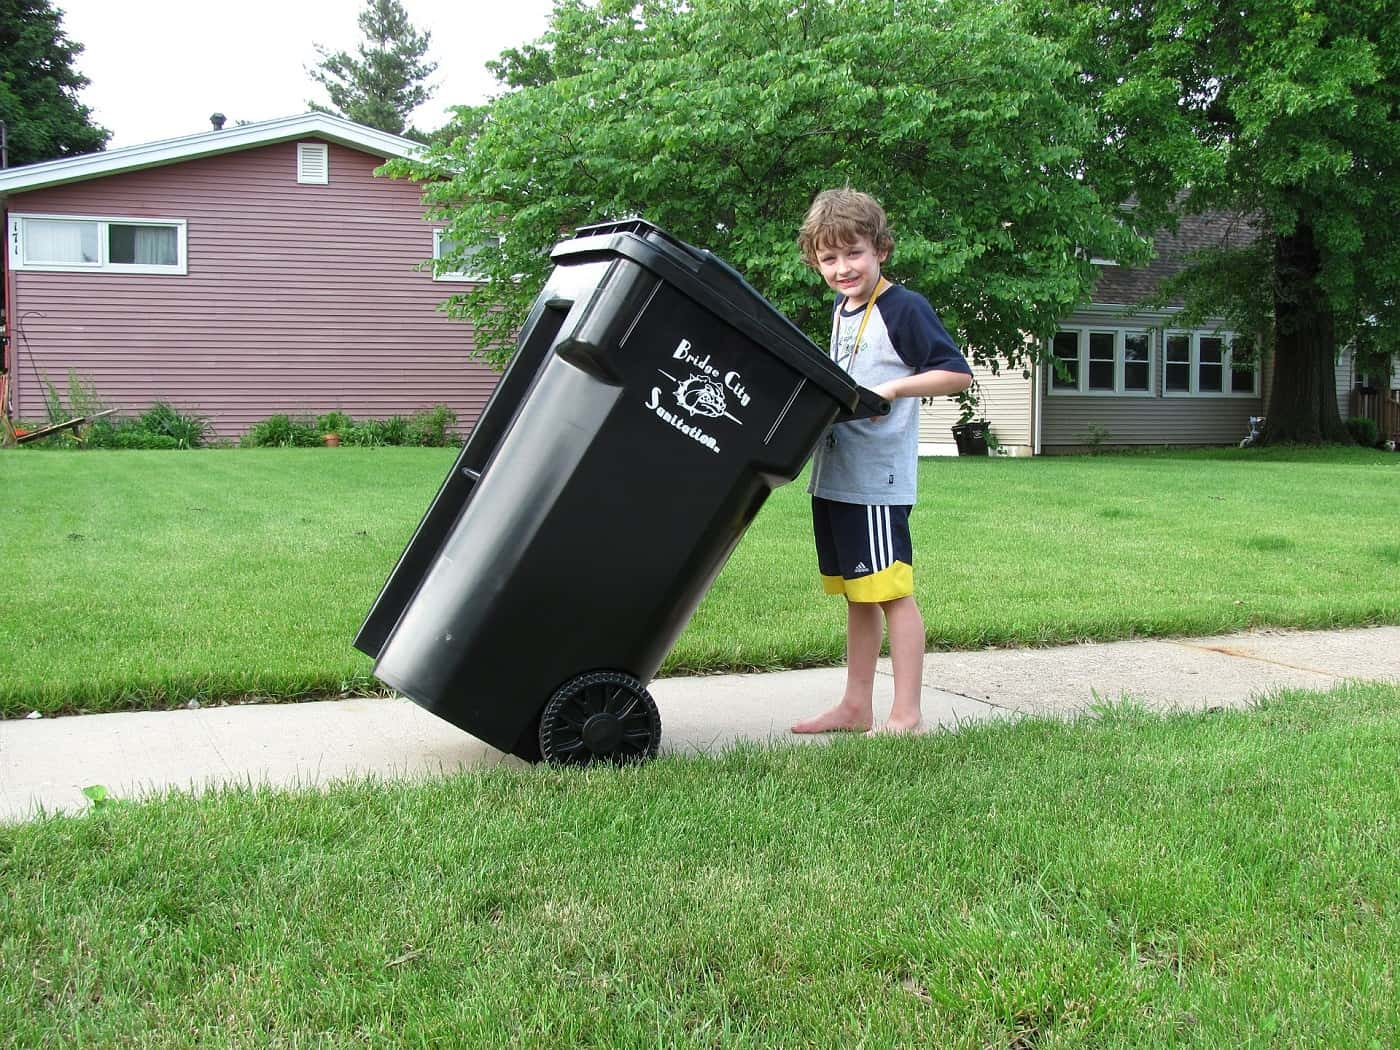 Young boy pushing trash can